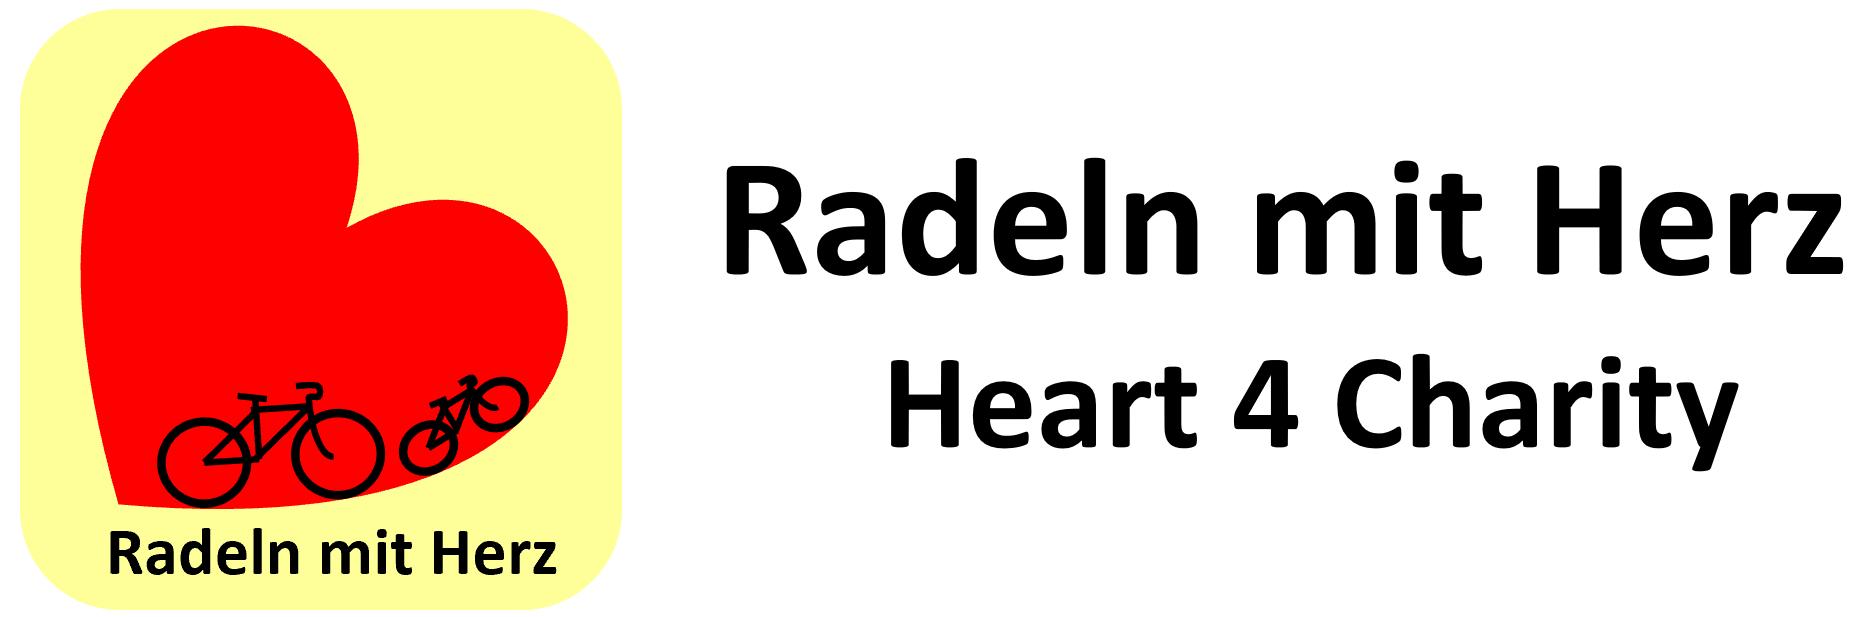 Radeln mit Herz